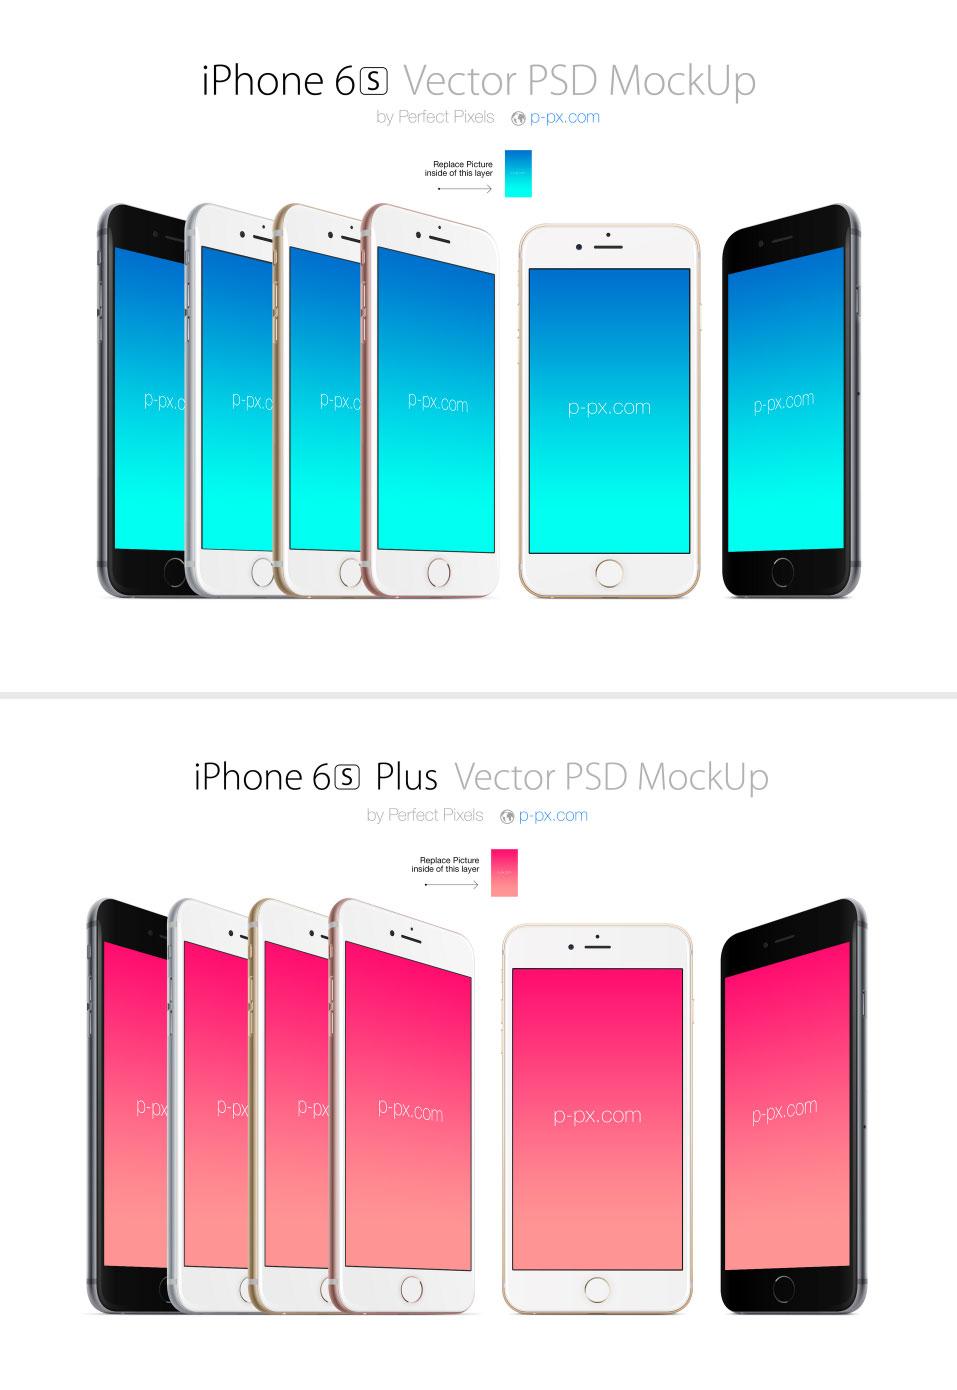 完美的iPhone6S 和 iPhone6S plus 展示模型PSD下载